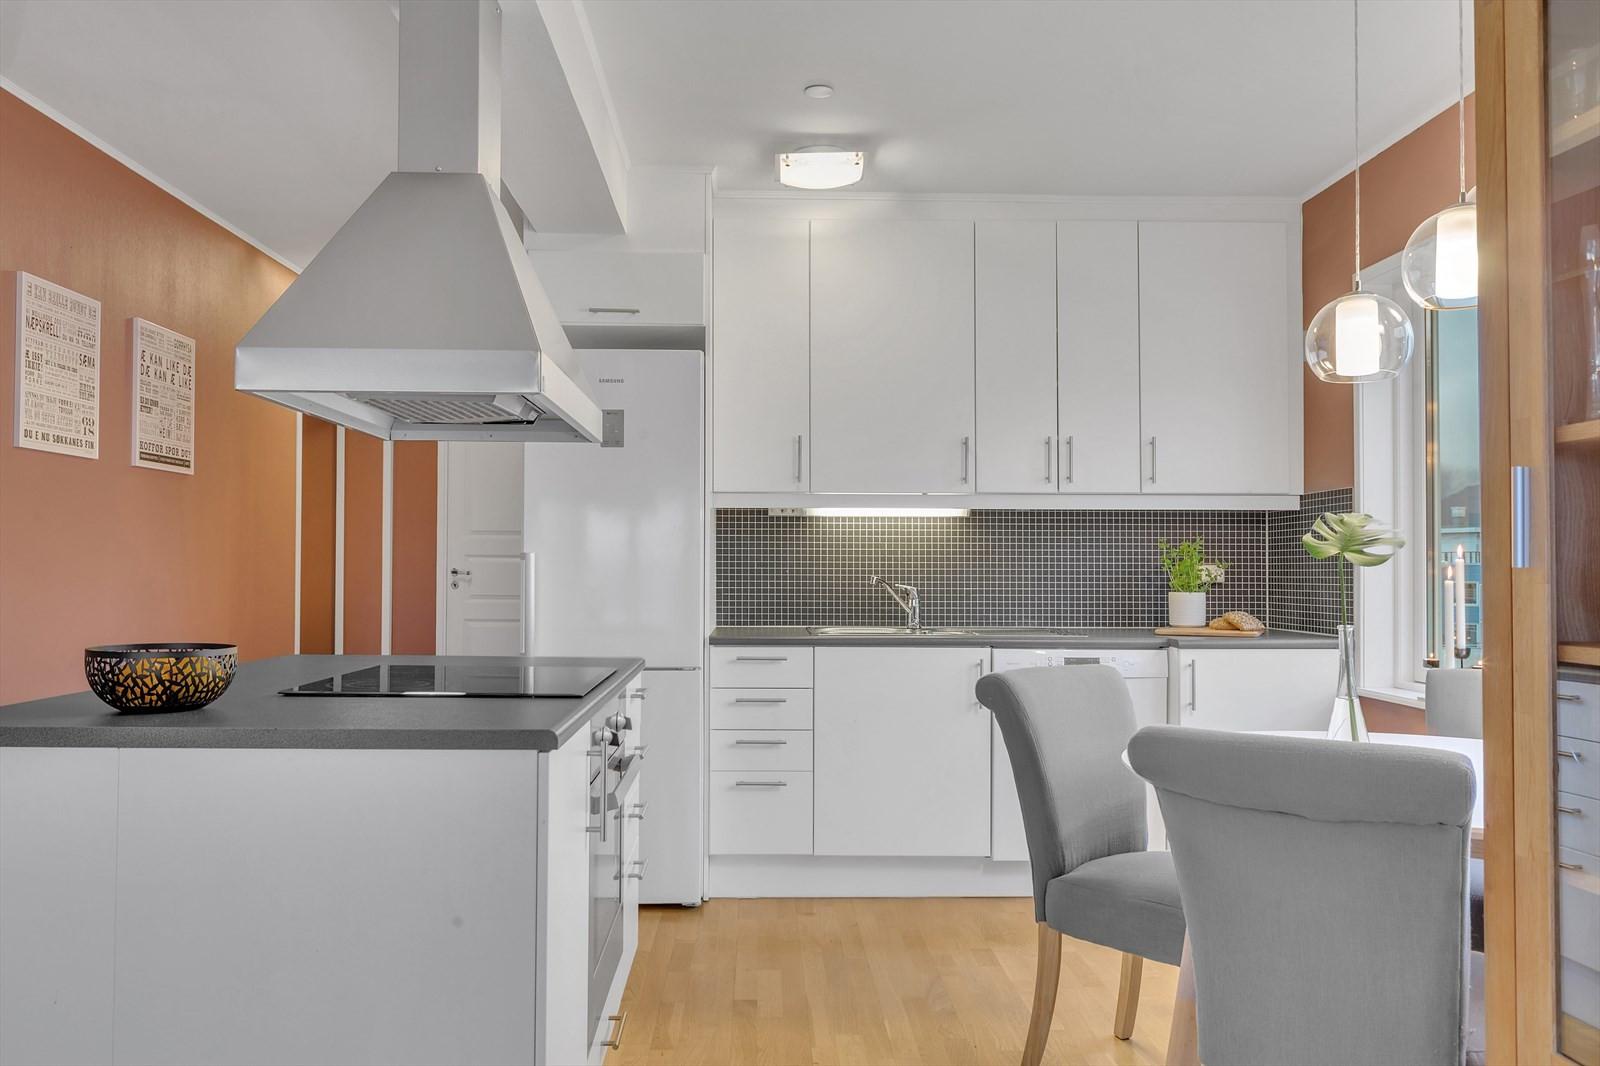 Flott kjøkken med god skapplass og kjøkkenøy.